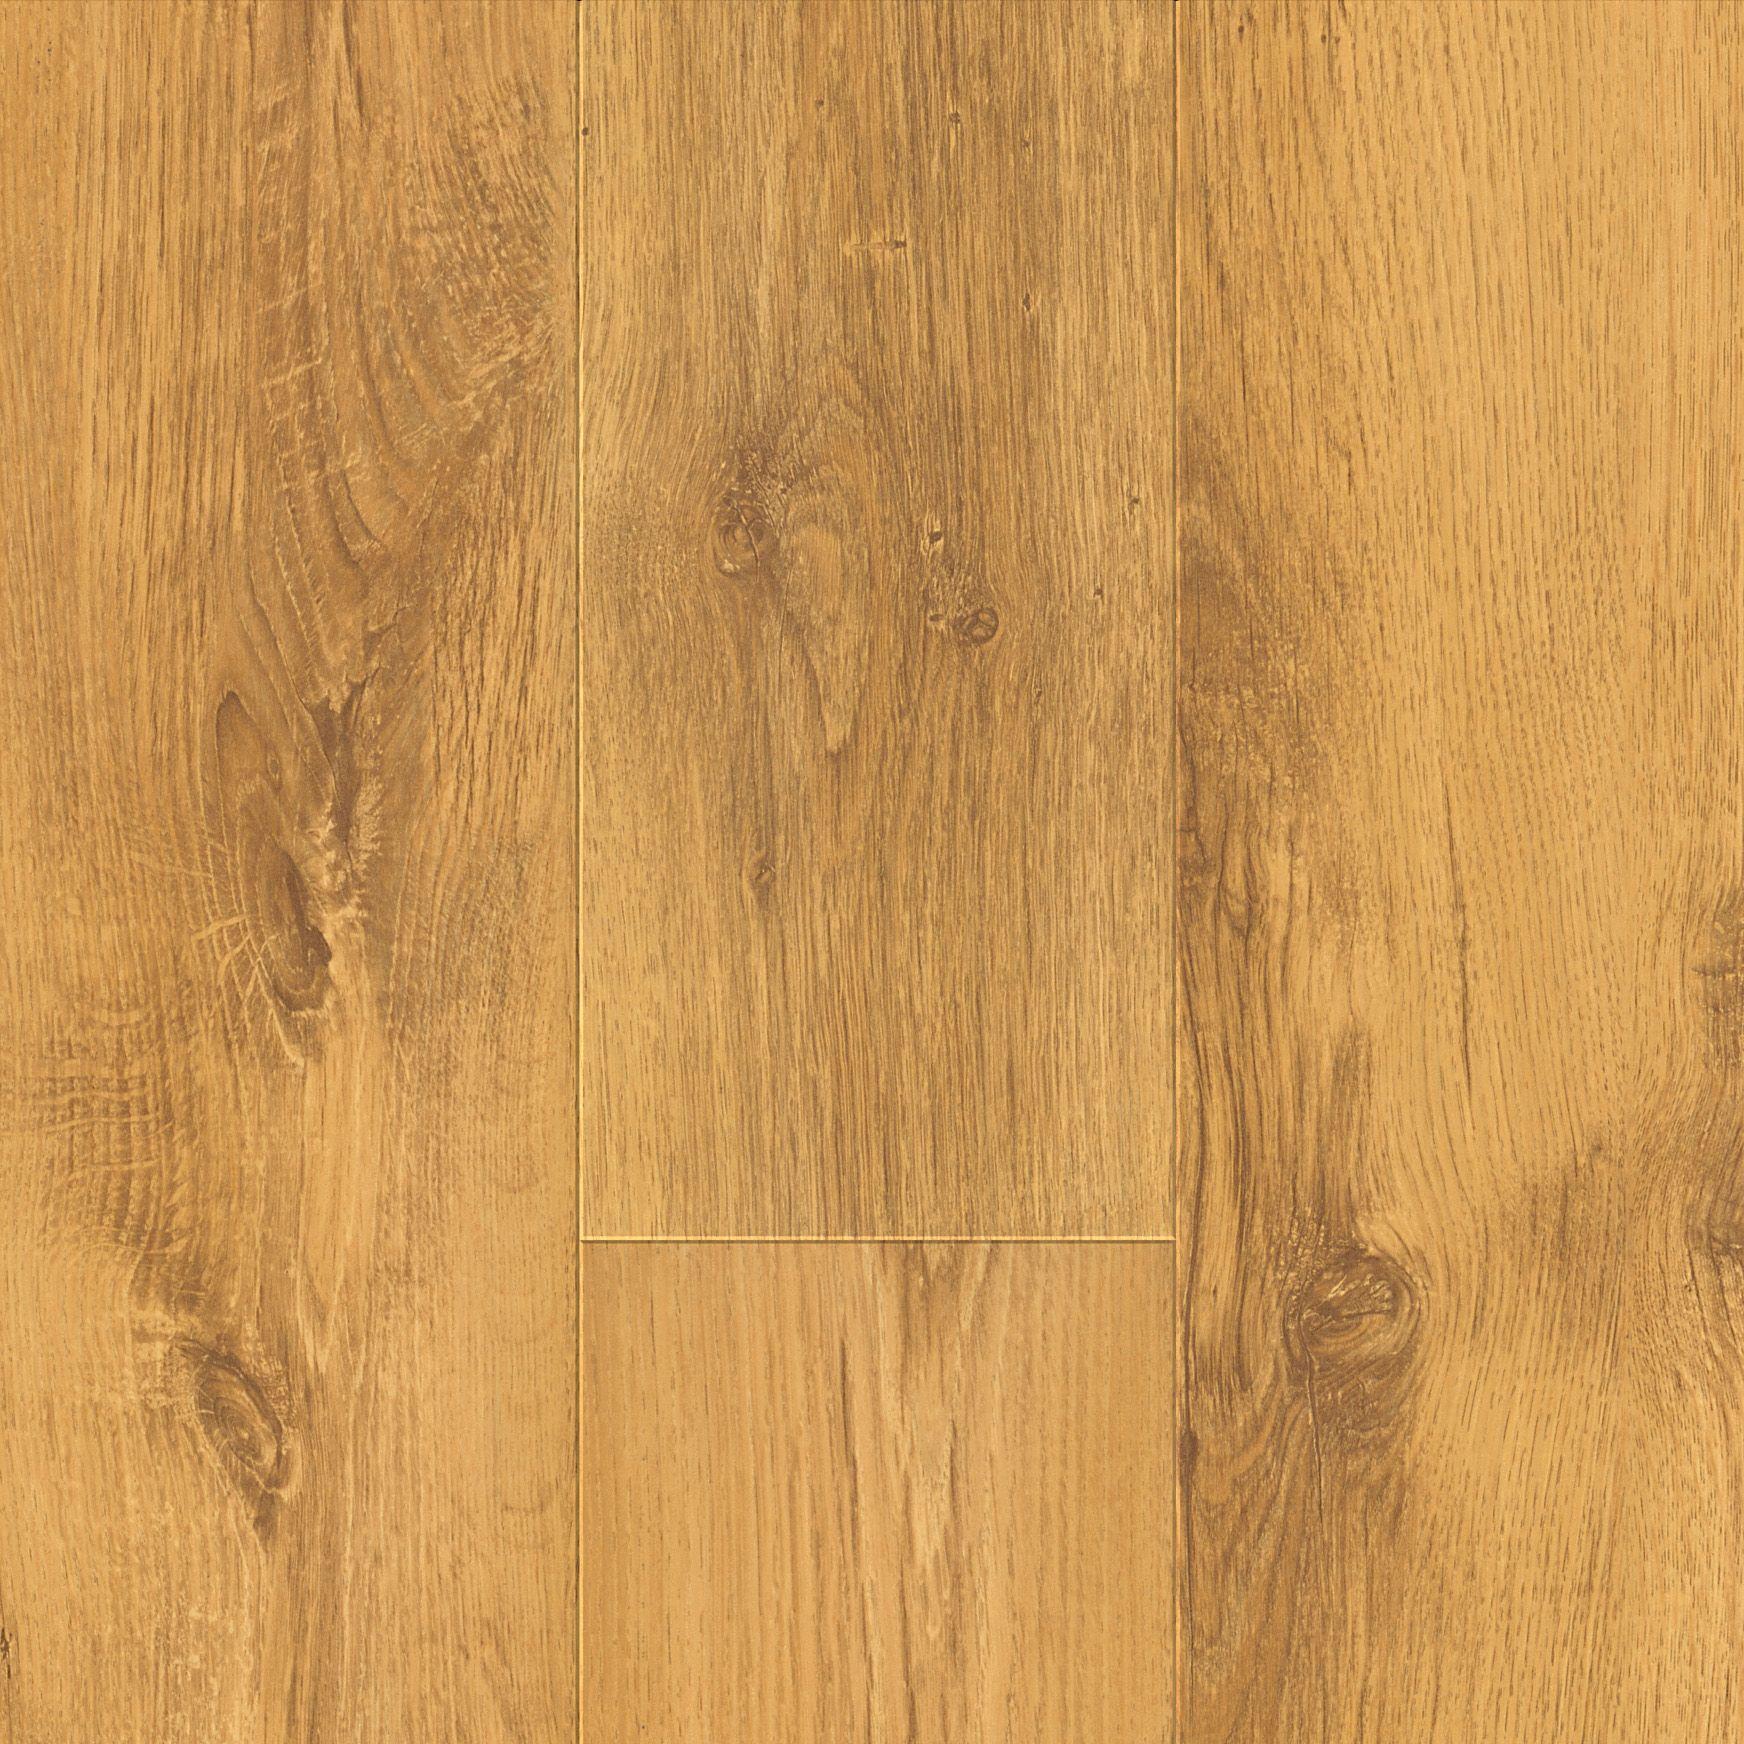 Aquateo sutter oak effect laminate flooring sample for B q laminate flooring